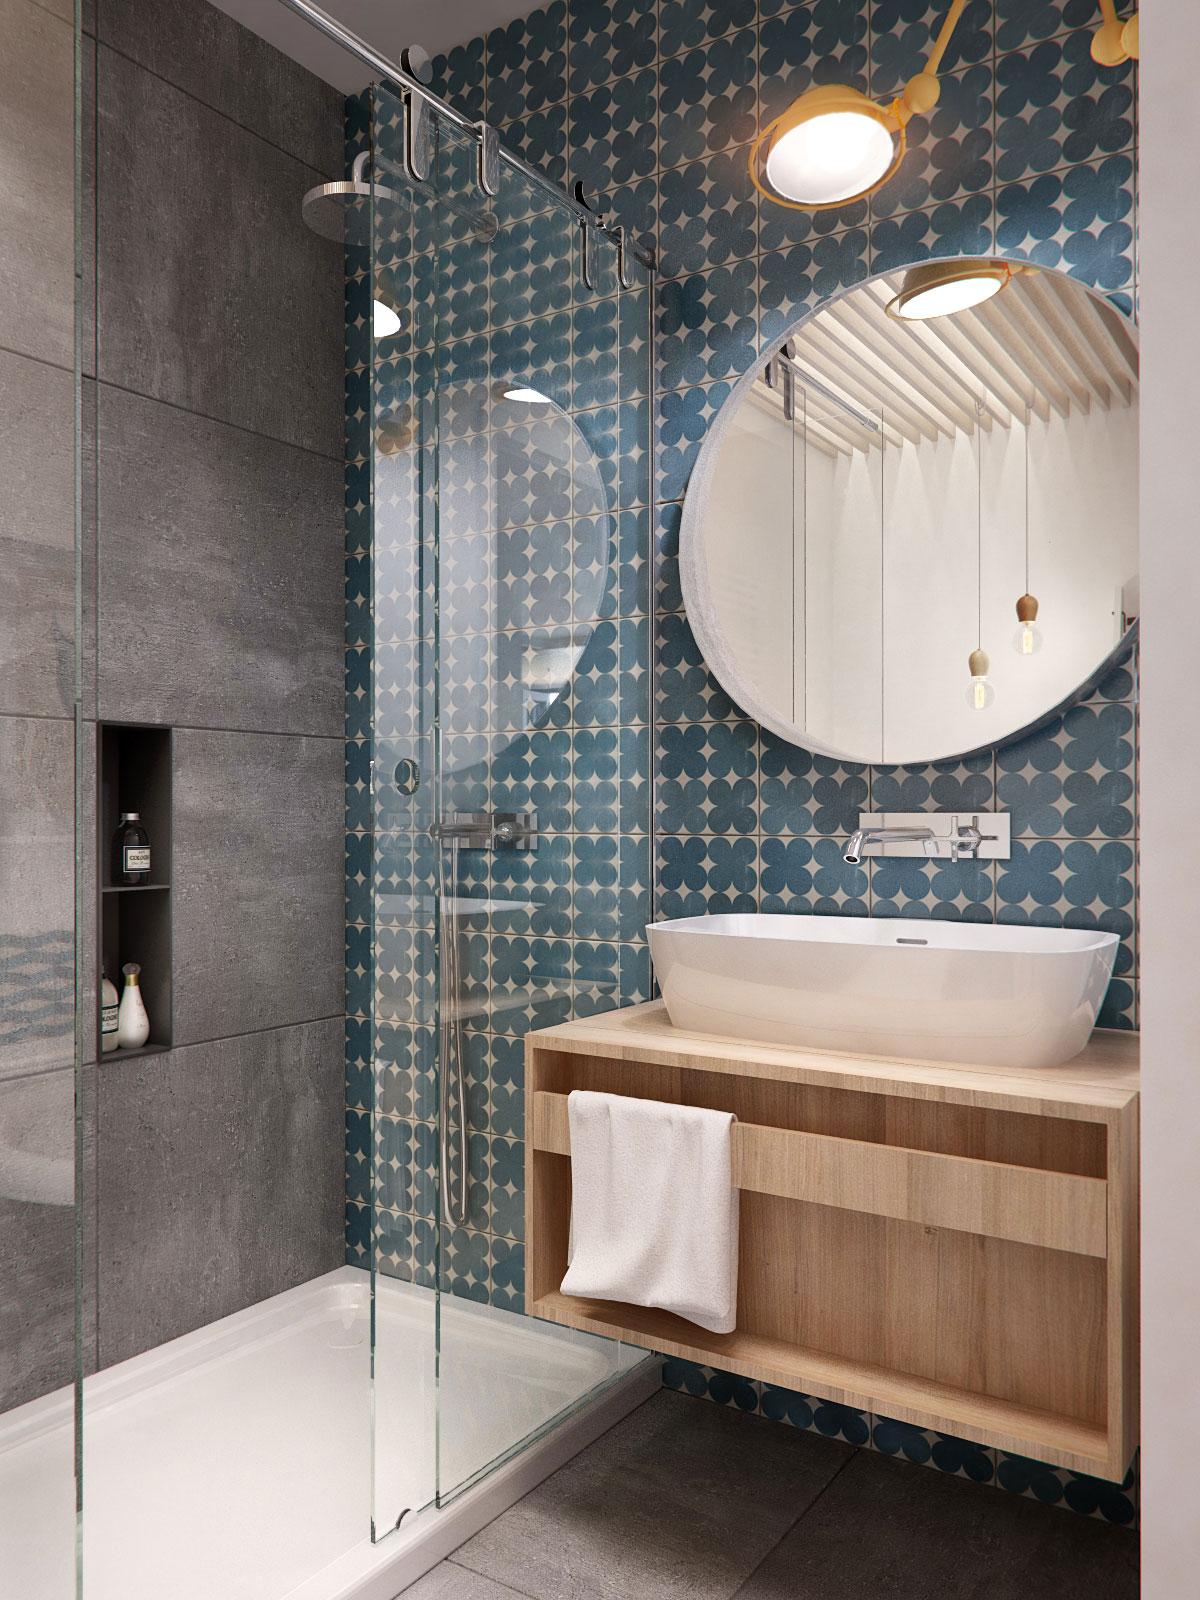 Серая и сине-белая плитка в дизайне стен ванной